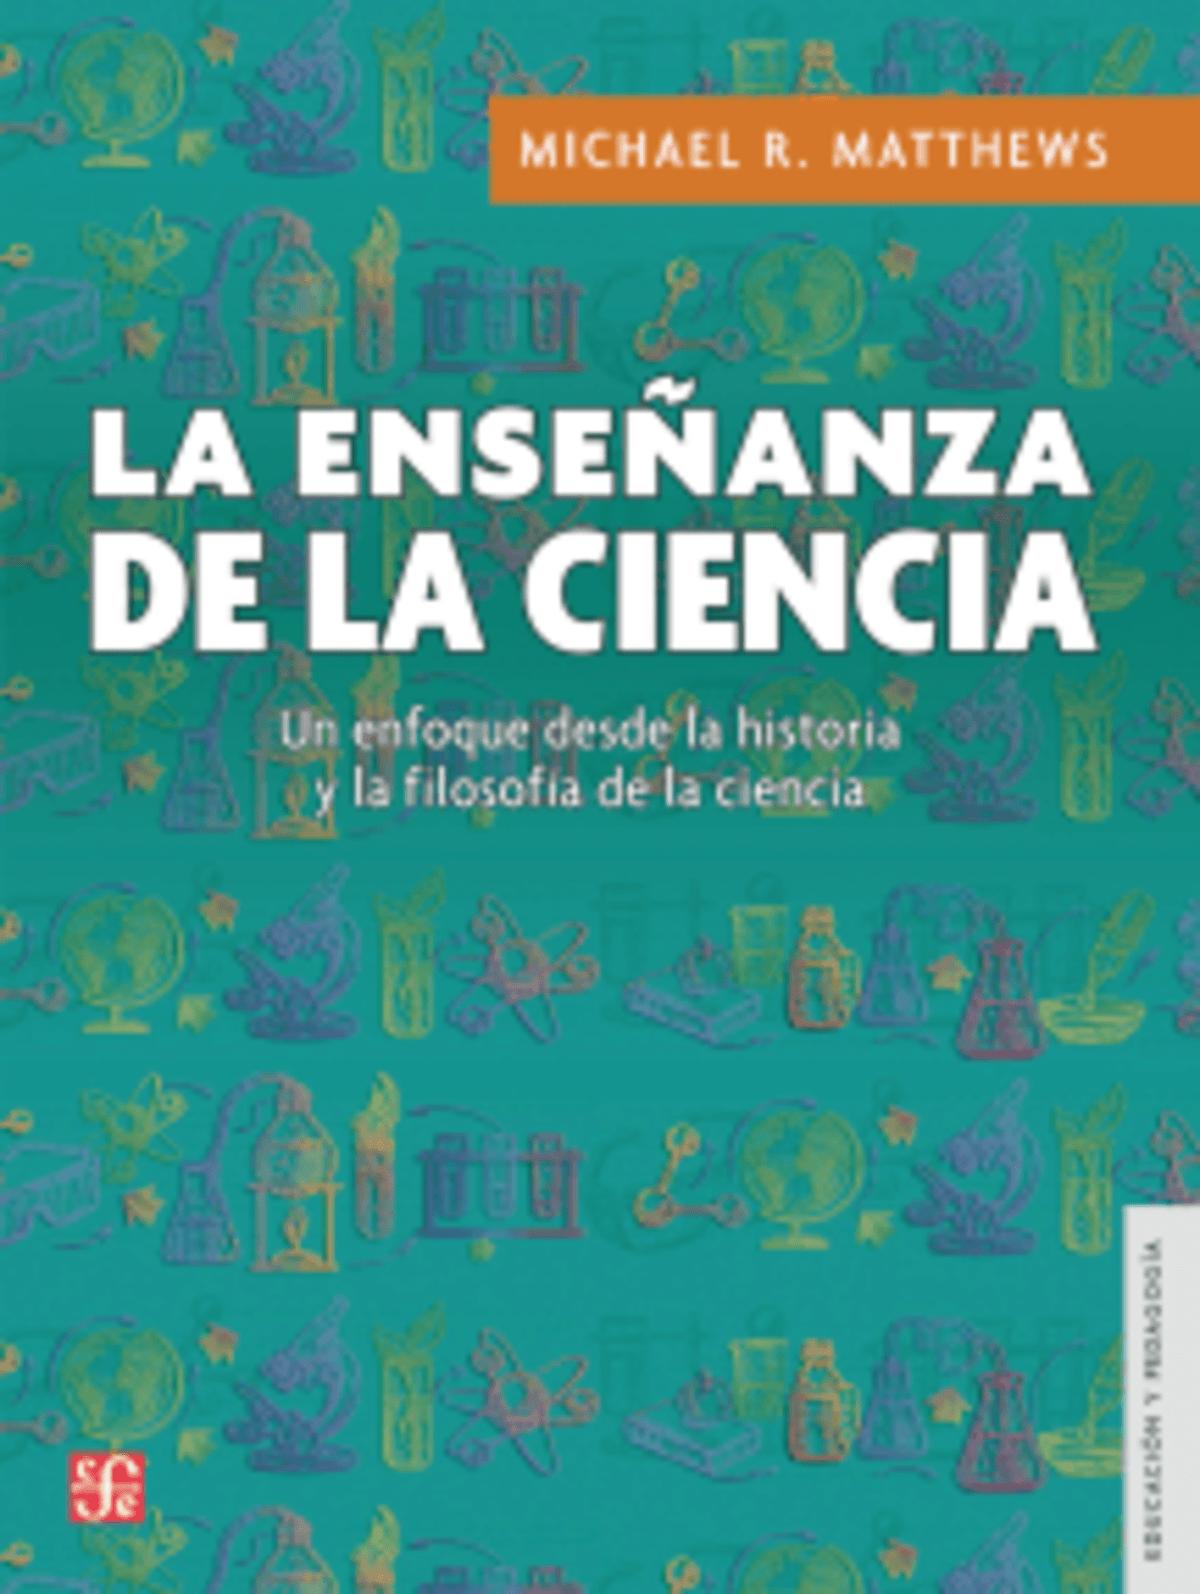 La Enseñanza de la Ciencia - Michael Matthews